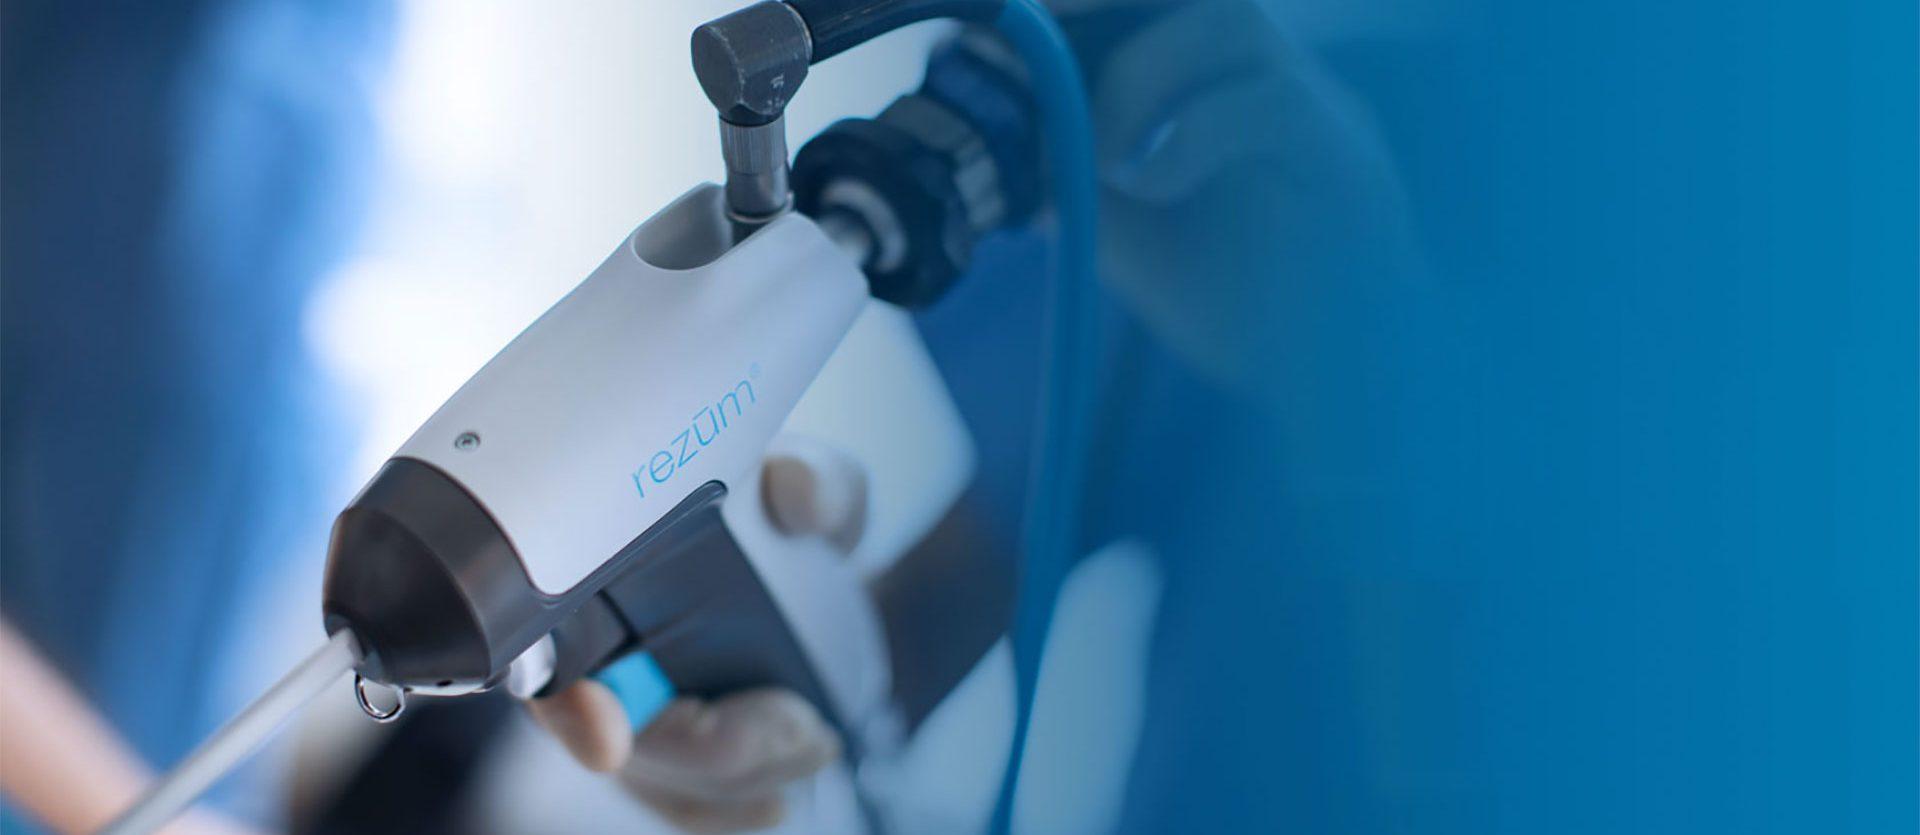 Wasserdampftherapie mit dem Rezum TM-System